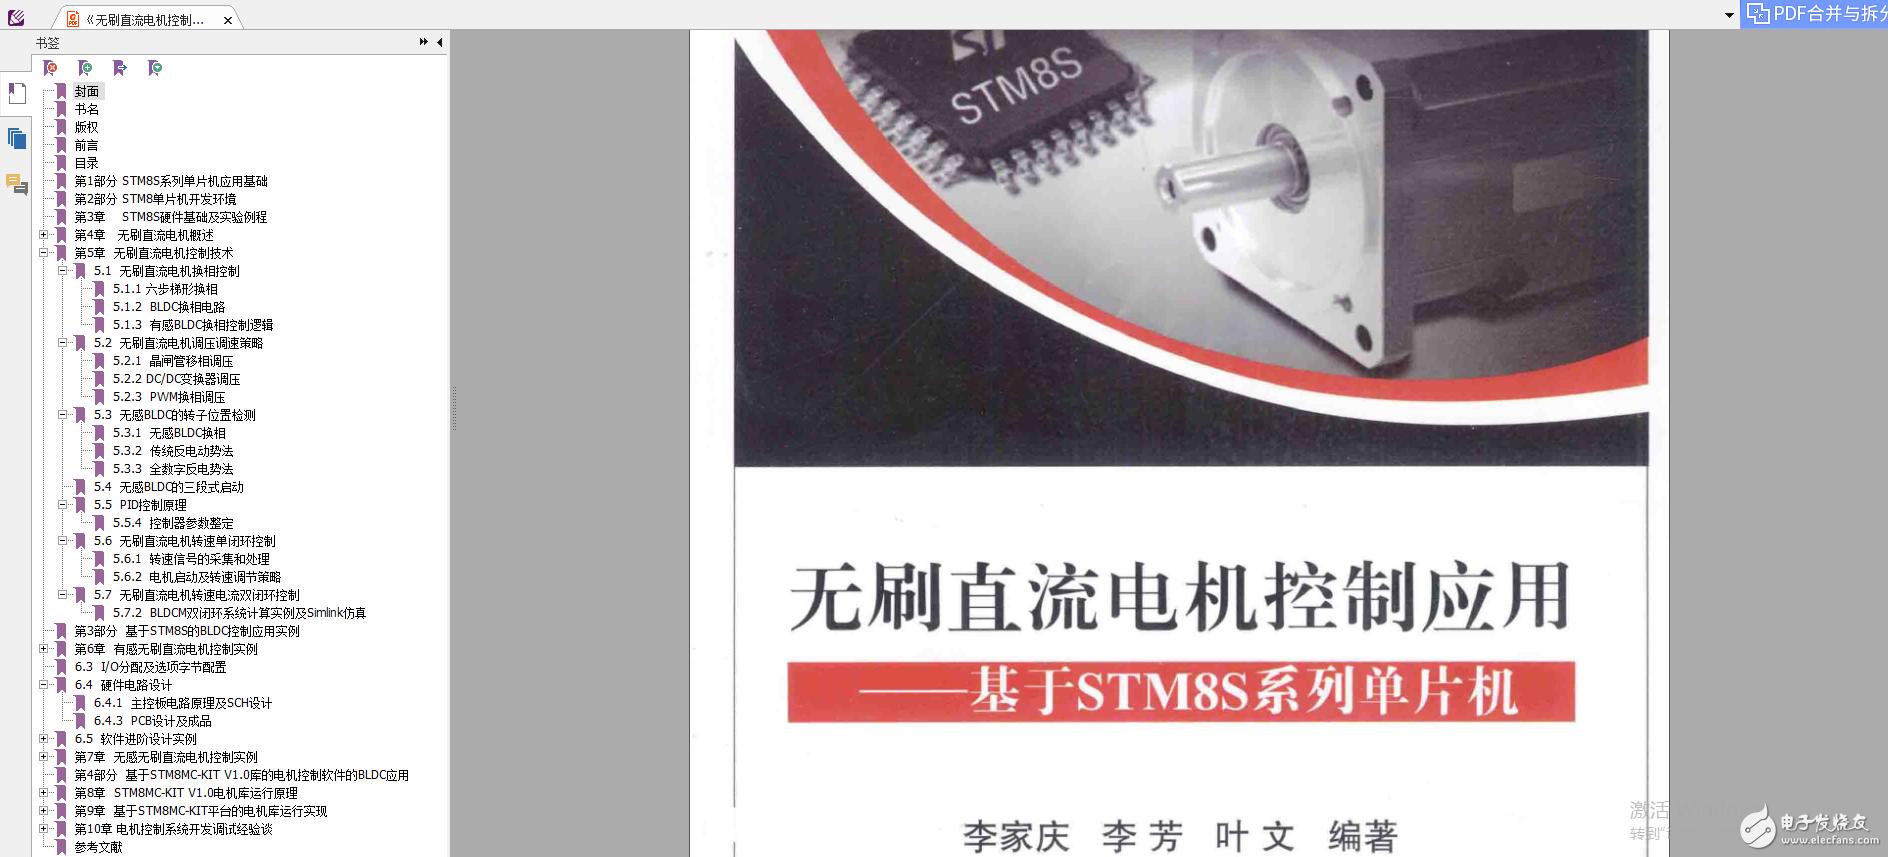 《无刷直流电机控制应用 ——基于STM8S系列单片机》电子扫描版